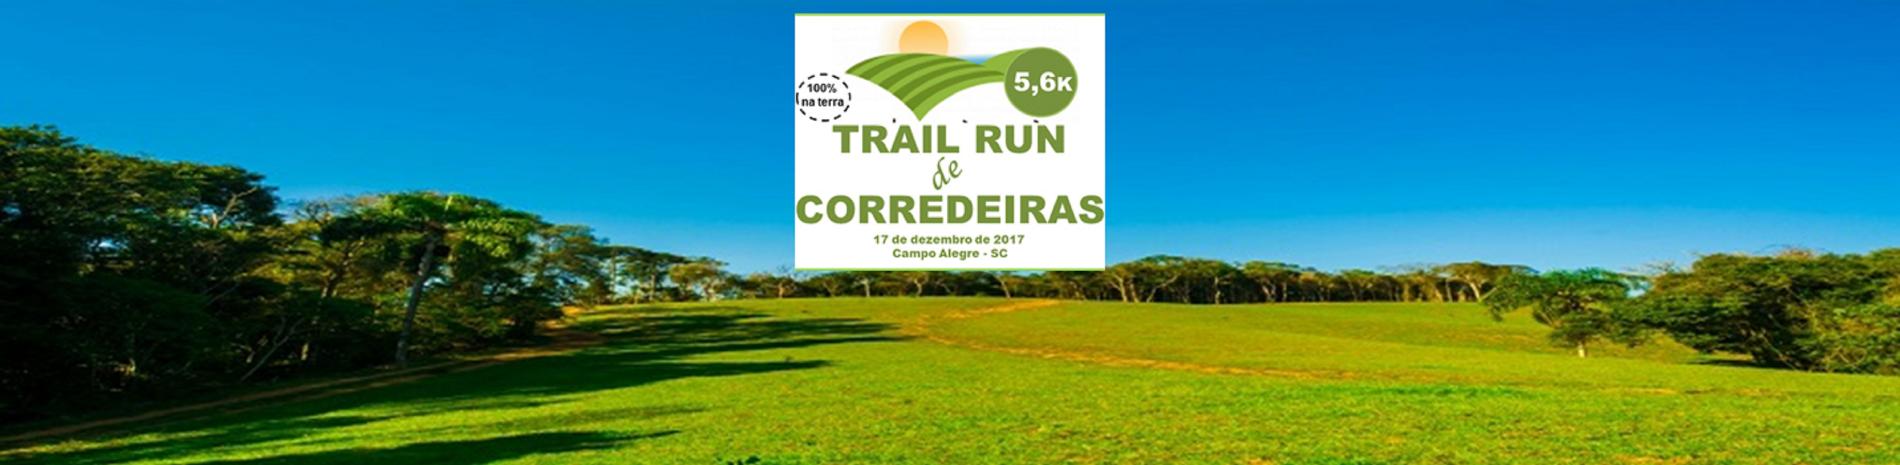 TRAIL RUN DE CORREDEIRAS - Imagem de topo